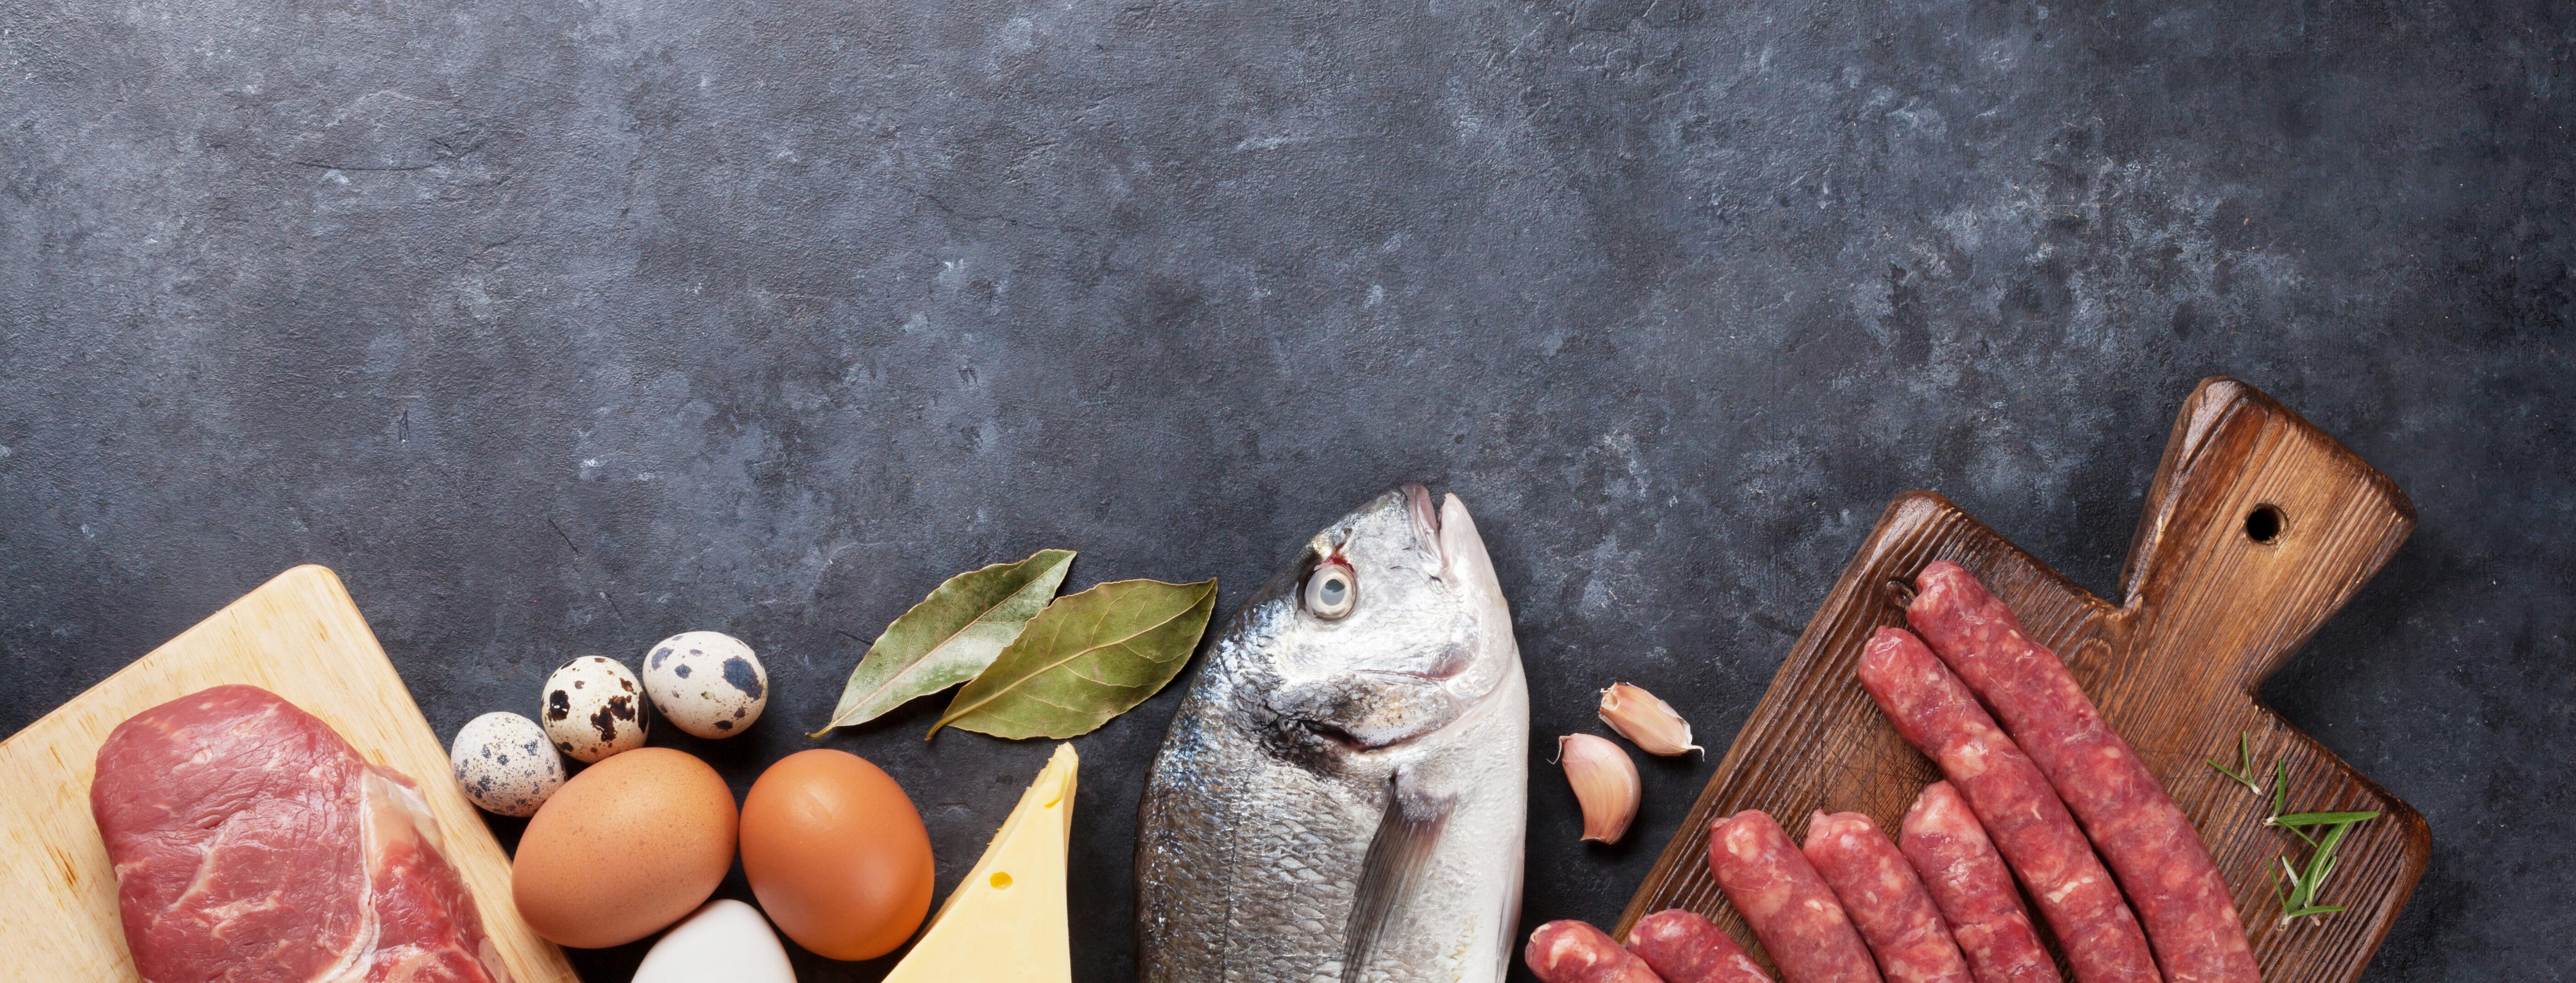 М'ясомолочна та рибна промисловість